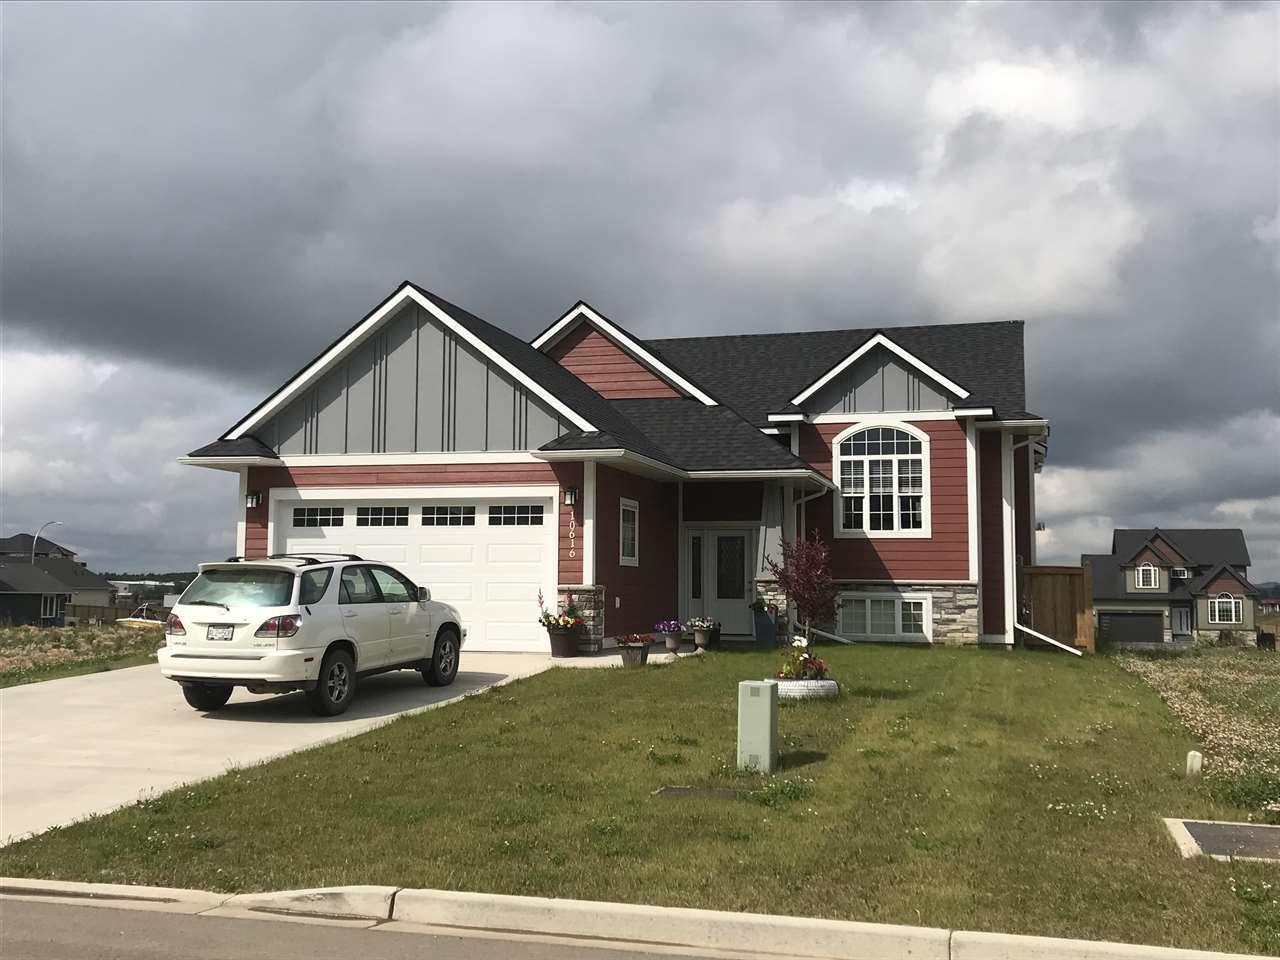 Main Photo: 10616 110 Street in Fort St. John: Fort St. John - City NW House for sale (Fort St. John (Zone 60))  : MLS®# R2459577